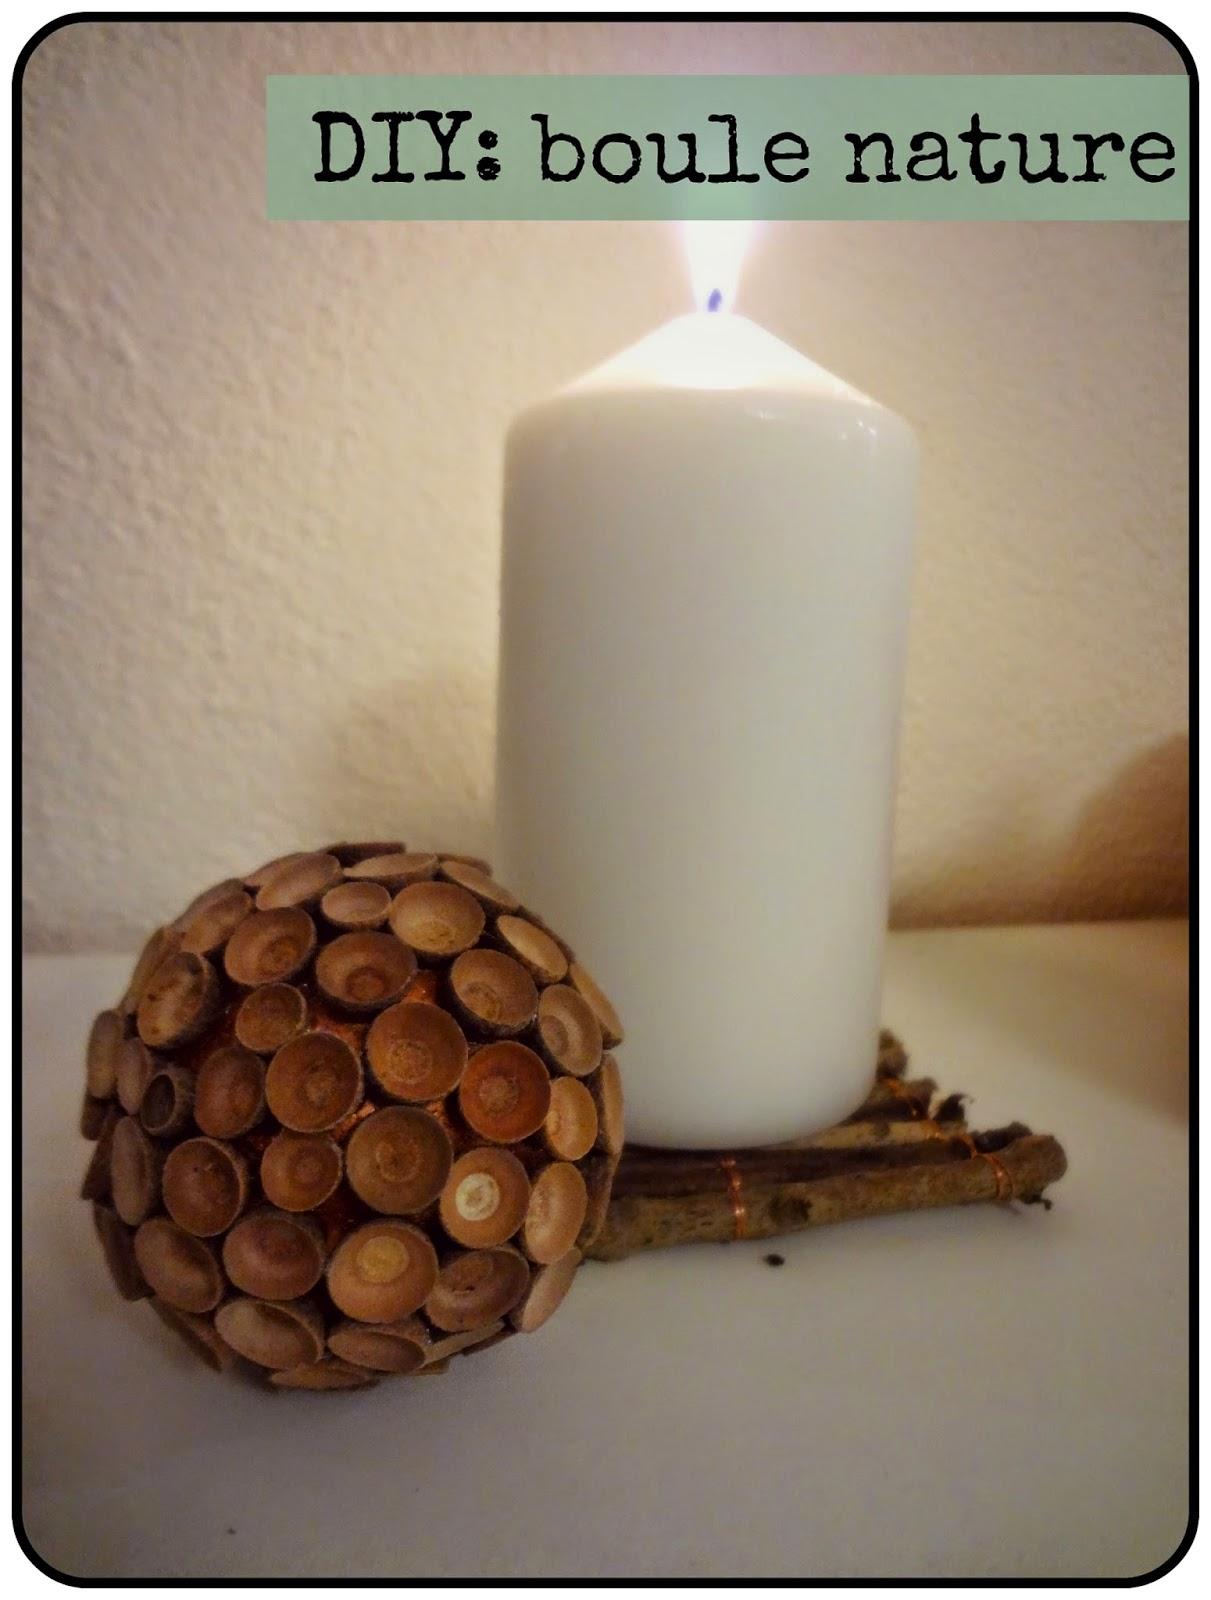 diy une boule nature avec des cupules de glands enedwaith 39 s little secrets. Black Bedroom Furniture Sets. Home Design Ideas